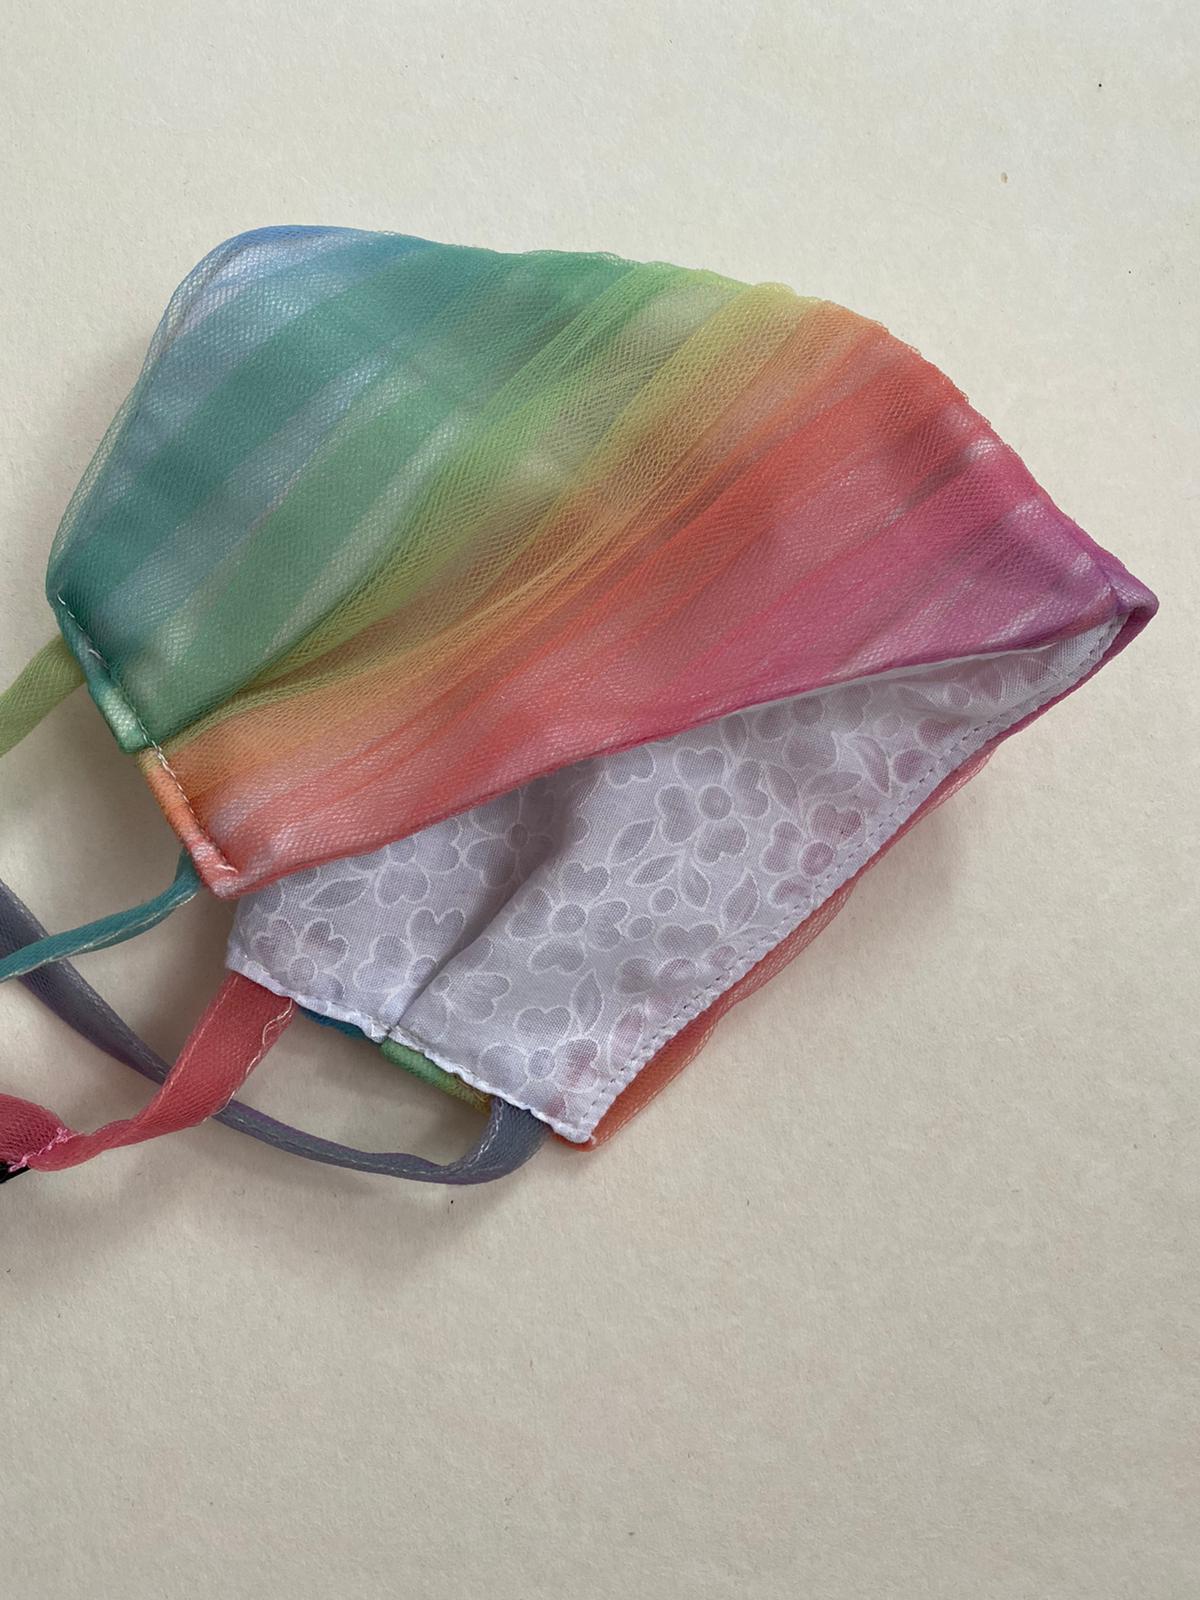 lirika matoshio rainbow tulle face mask